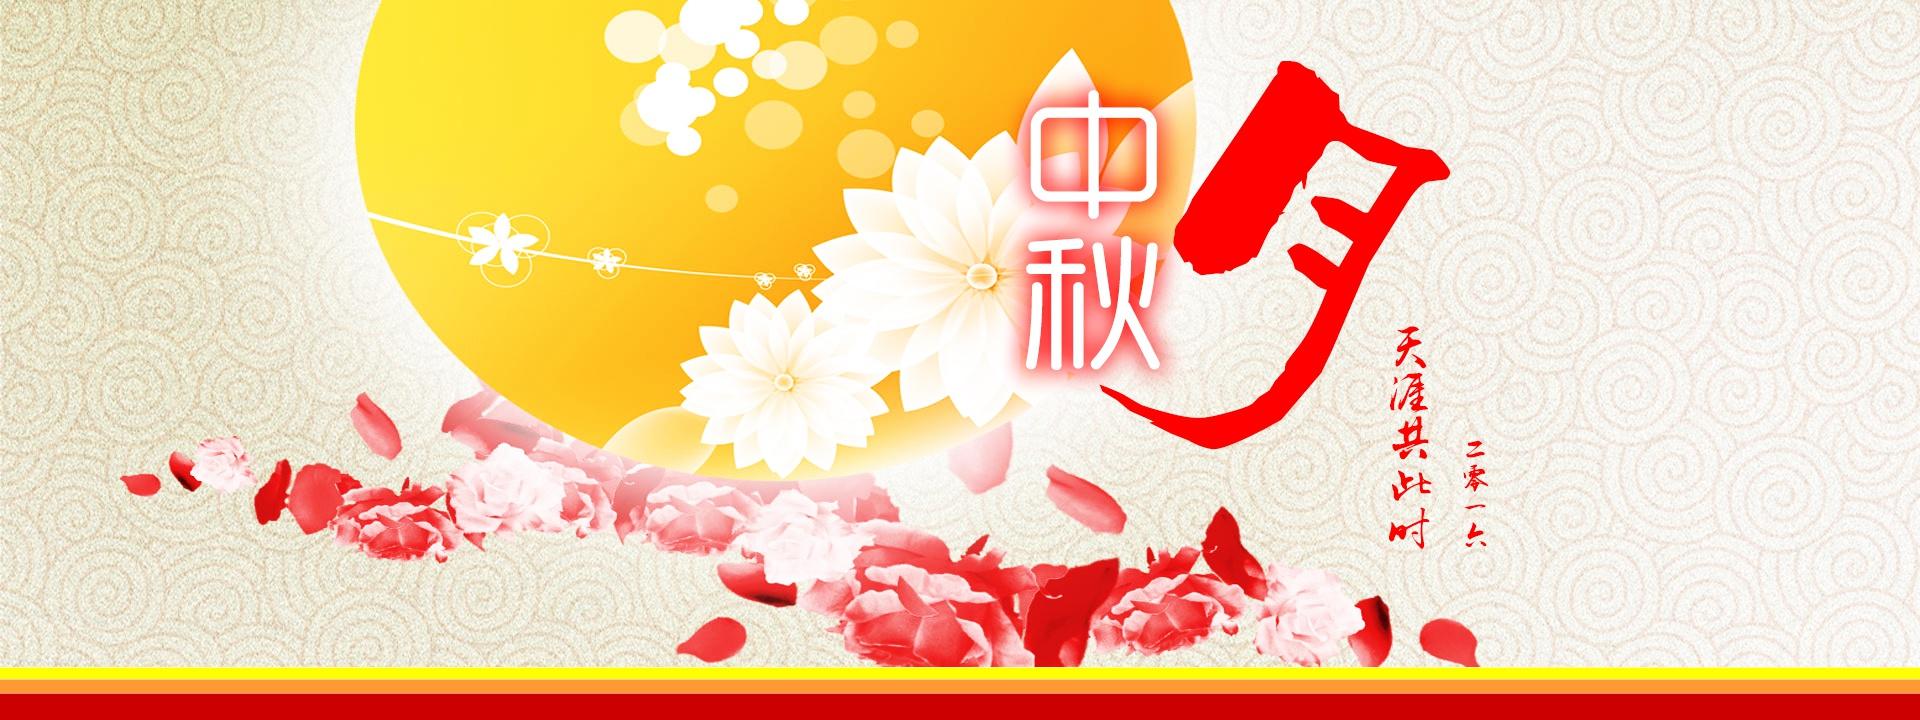 2016中秋节・天涯共此时